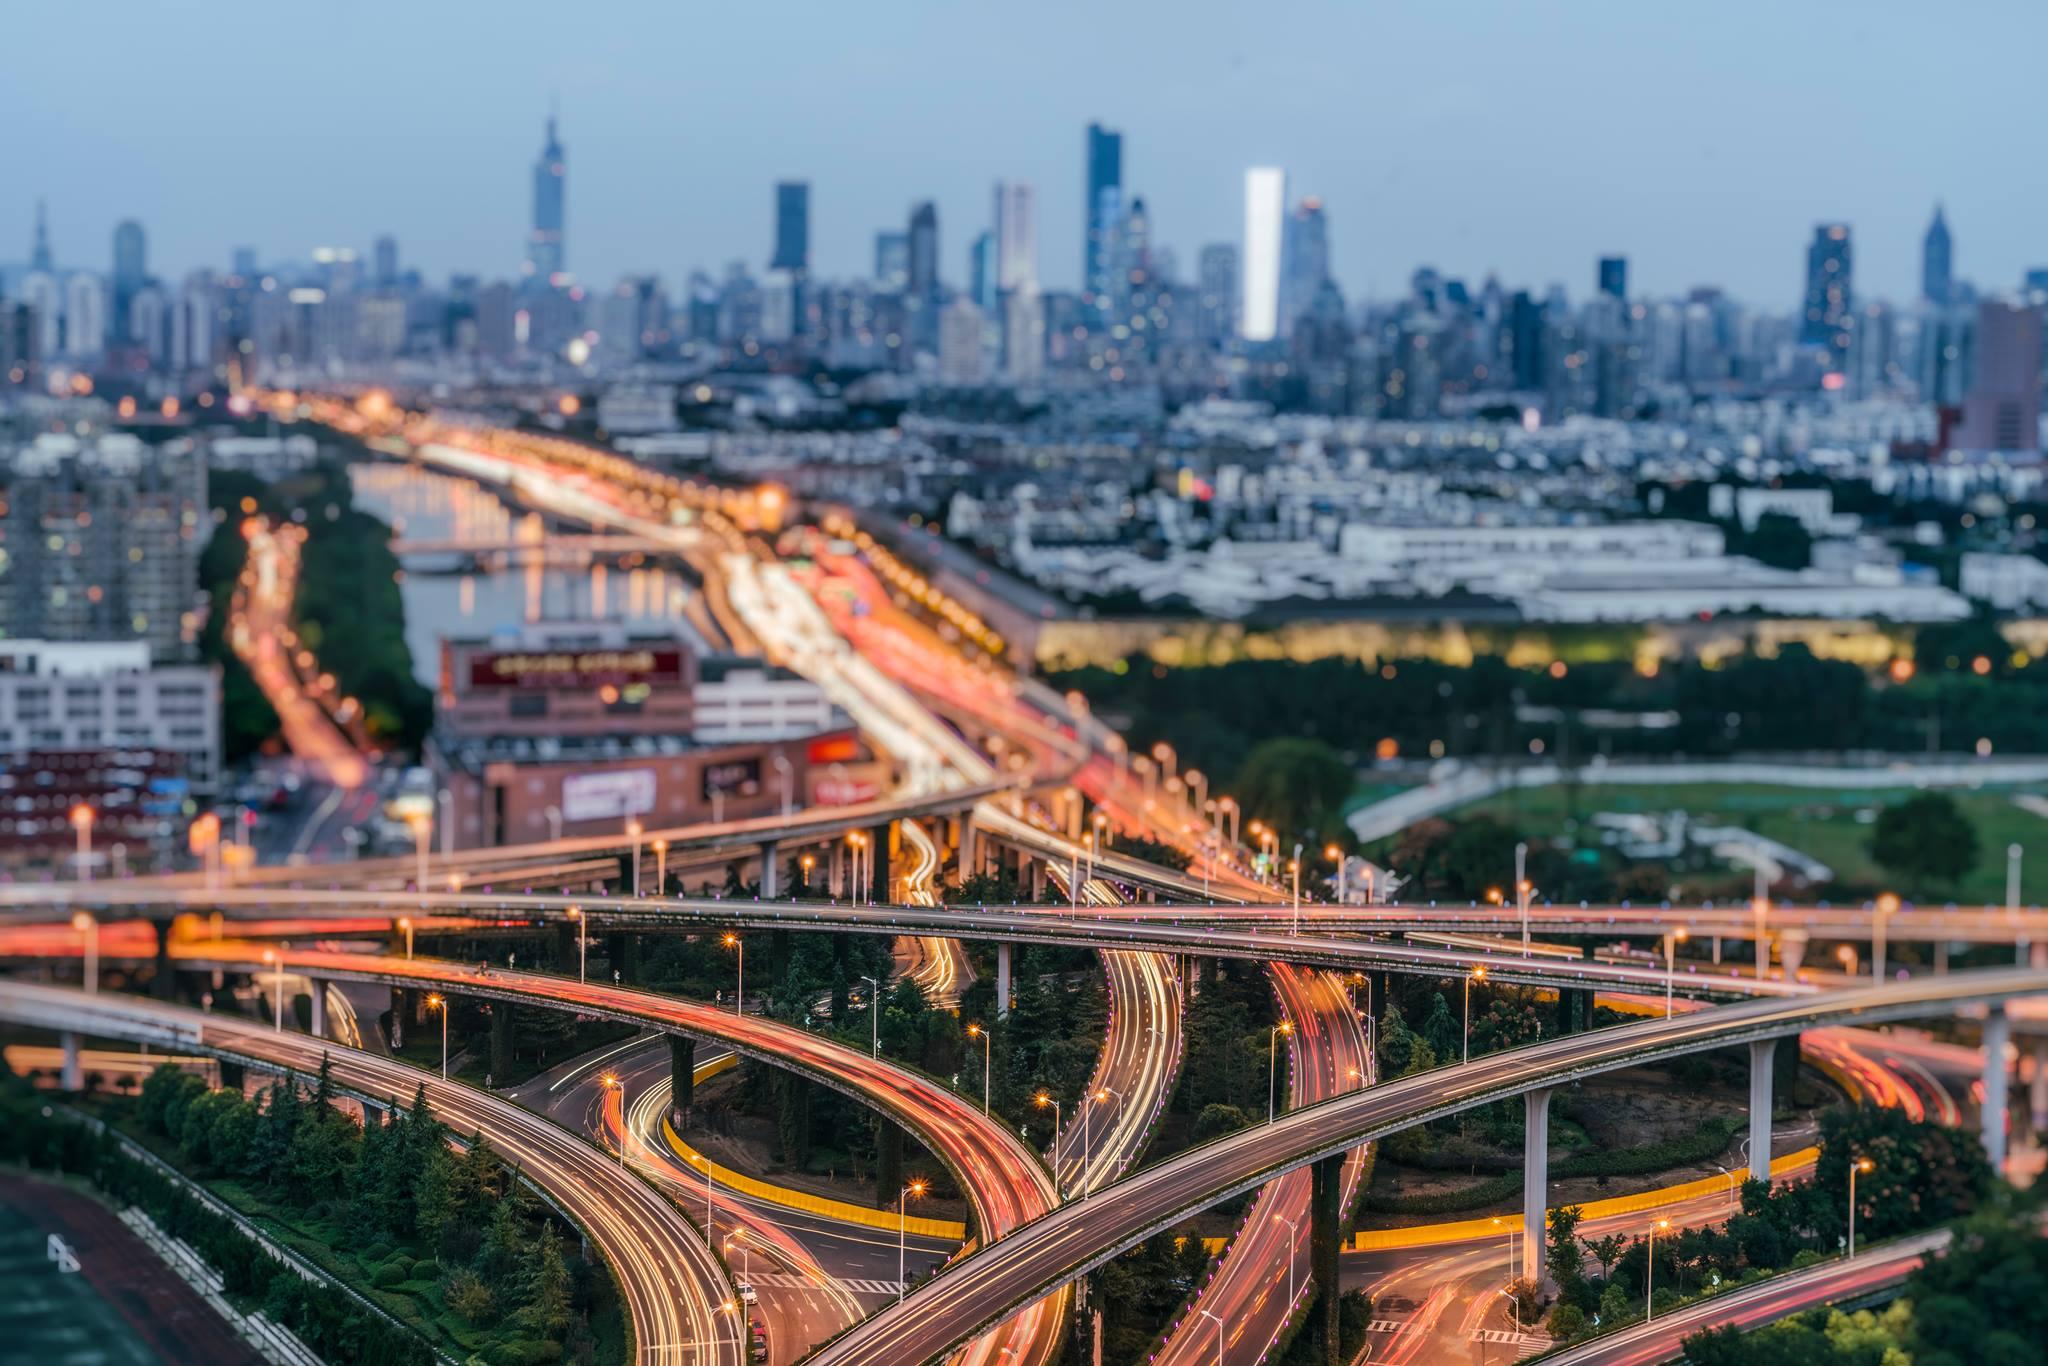 Nanjing wurde für seine Klimaschutzbemühungen im Transport ausgezeichnet